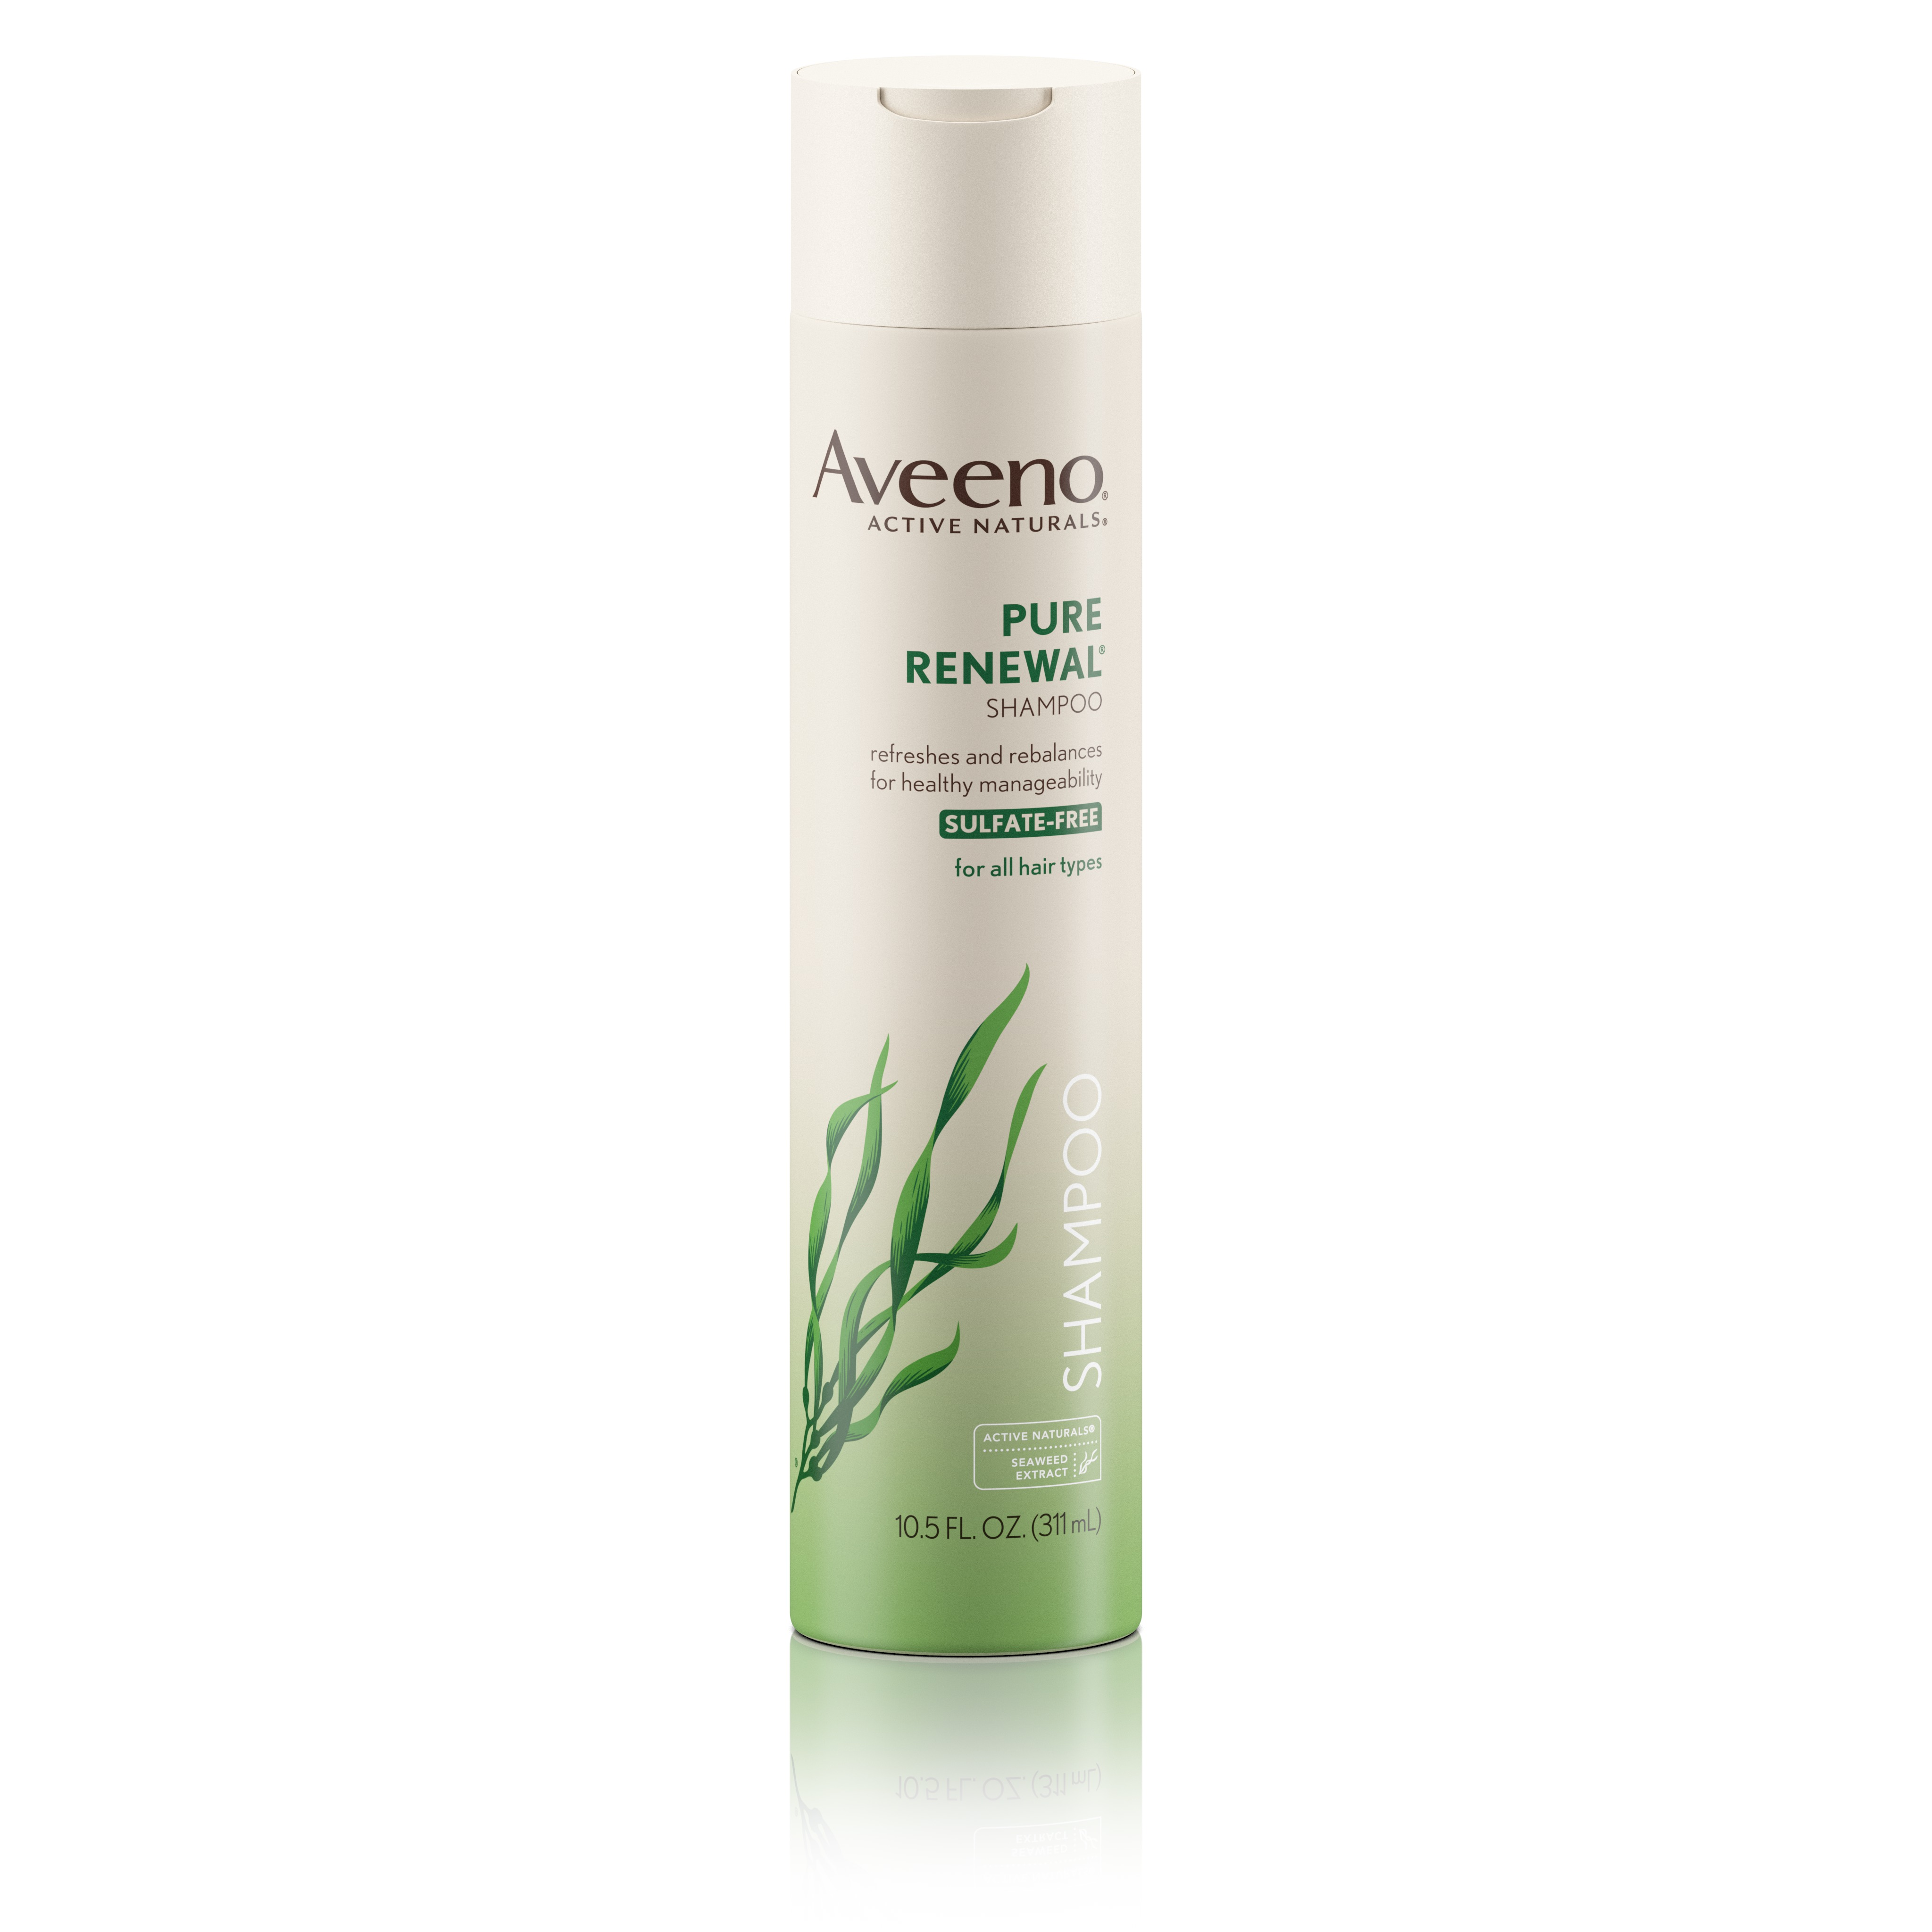 Aveeno Active Naturals Pure Renewal Shampoo, 10.5 Oz - Walmart.com